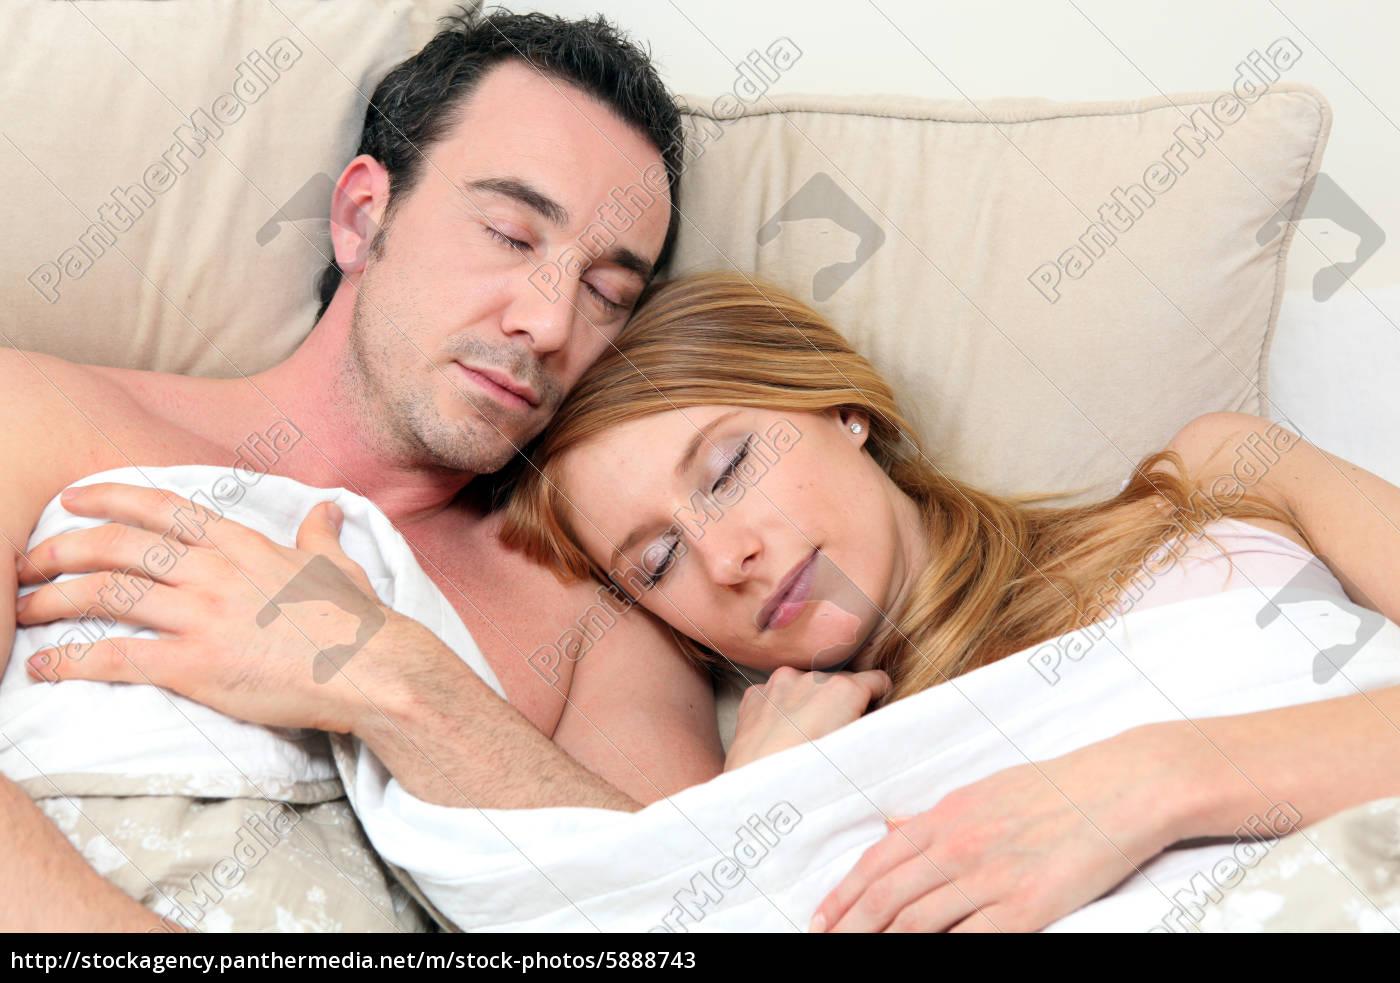 paar schlafend im bett - Lizenzfreies Bild - #5888743 - Bildagentur ...